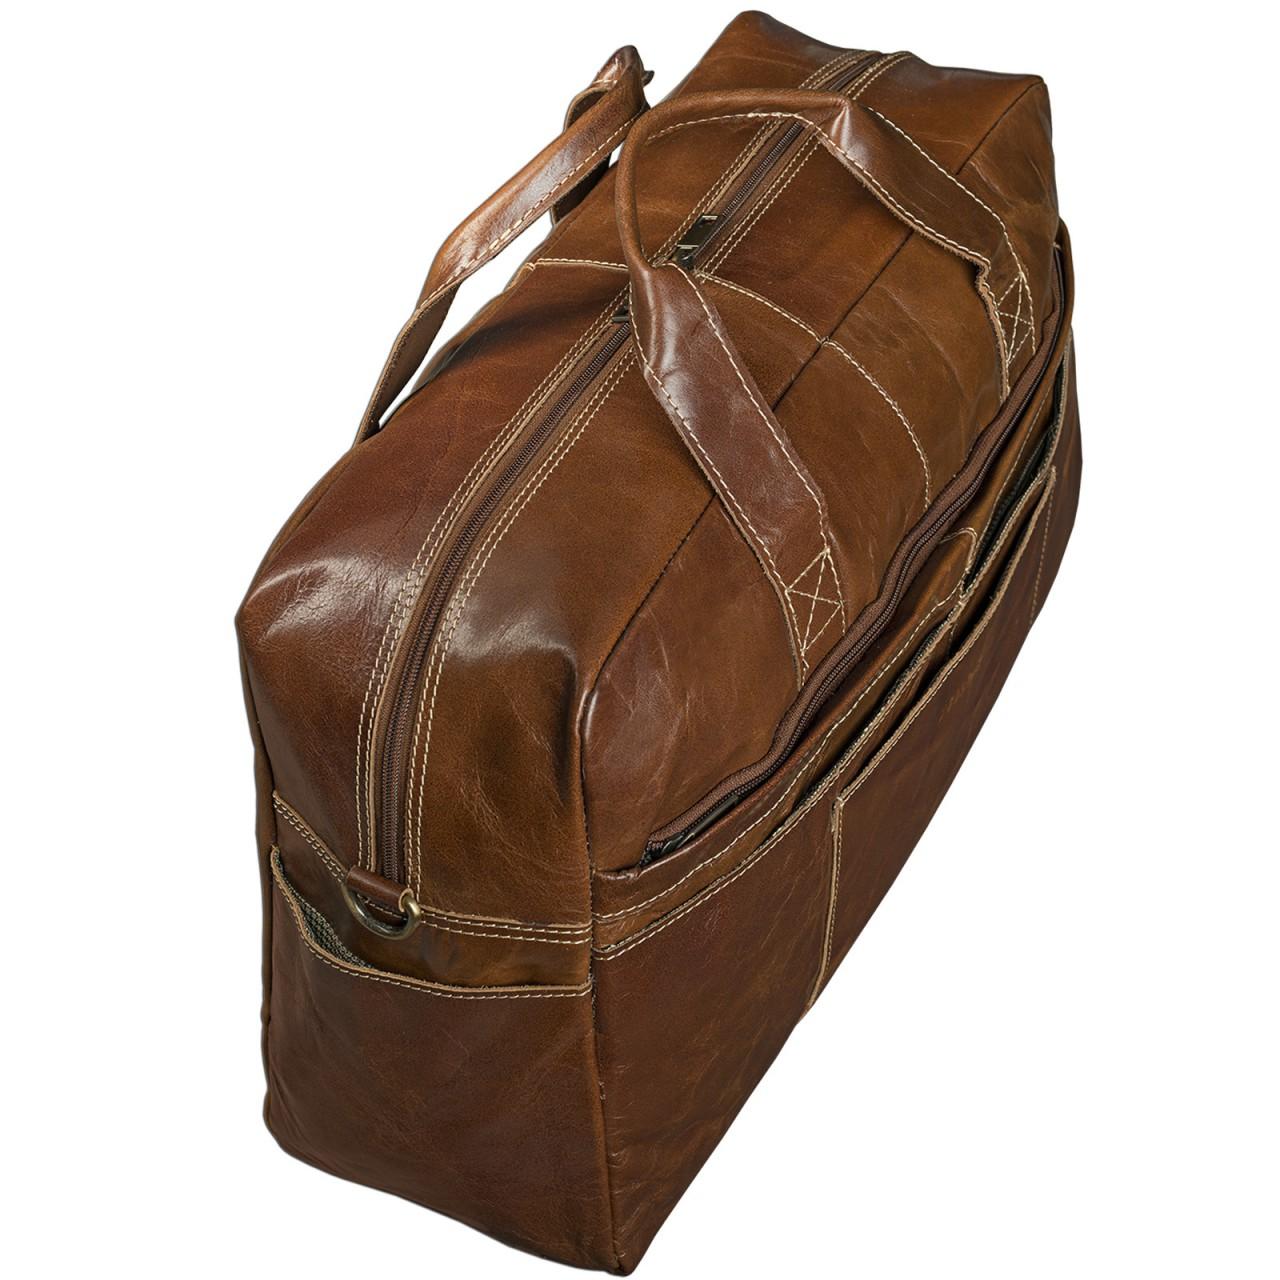 STILORD Vintage Reisetasche Umhängetasche Unisex Weekender für Flugzeug, Handgepäck in Kabinengröße, aus echtem Rinds Leder dunkelbraun - Bild 4